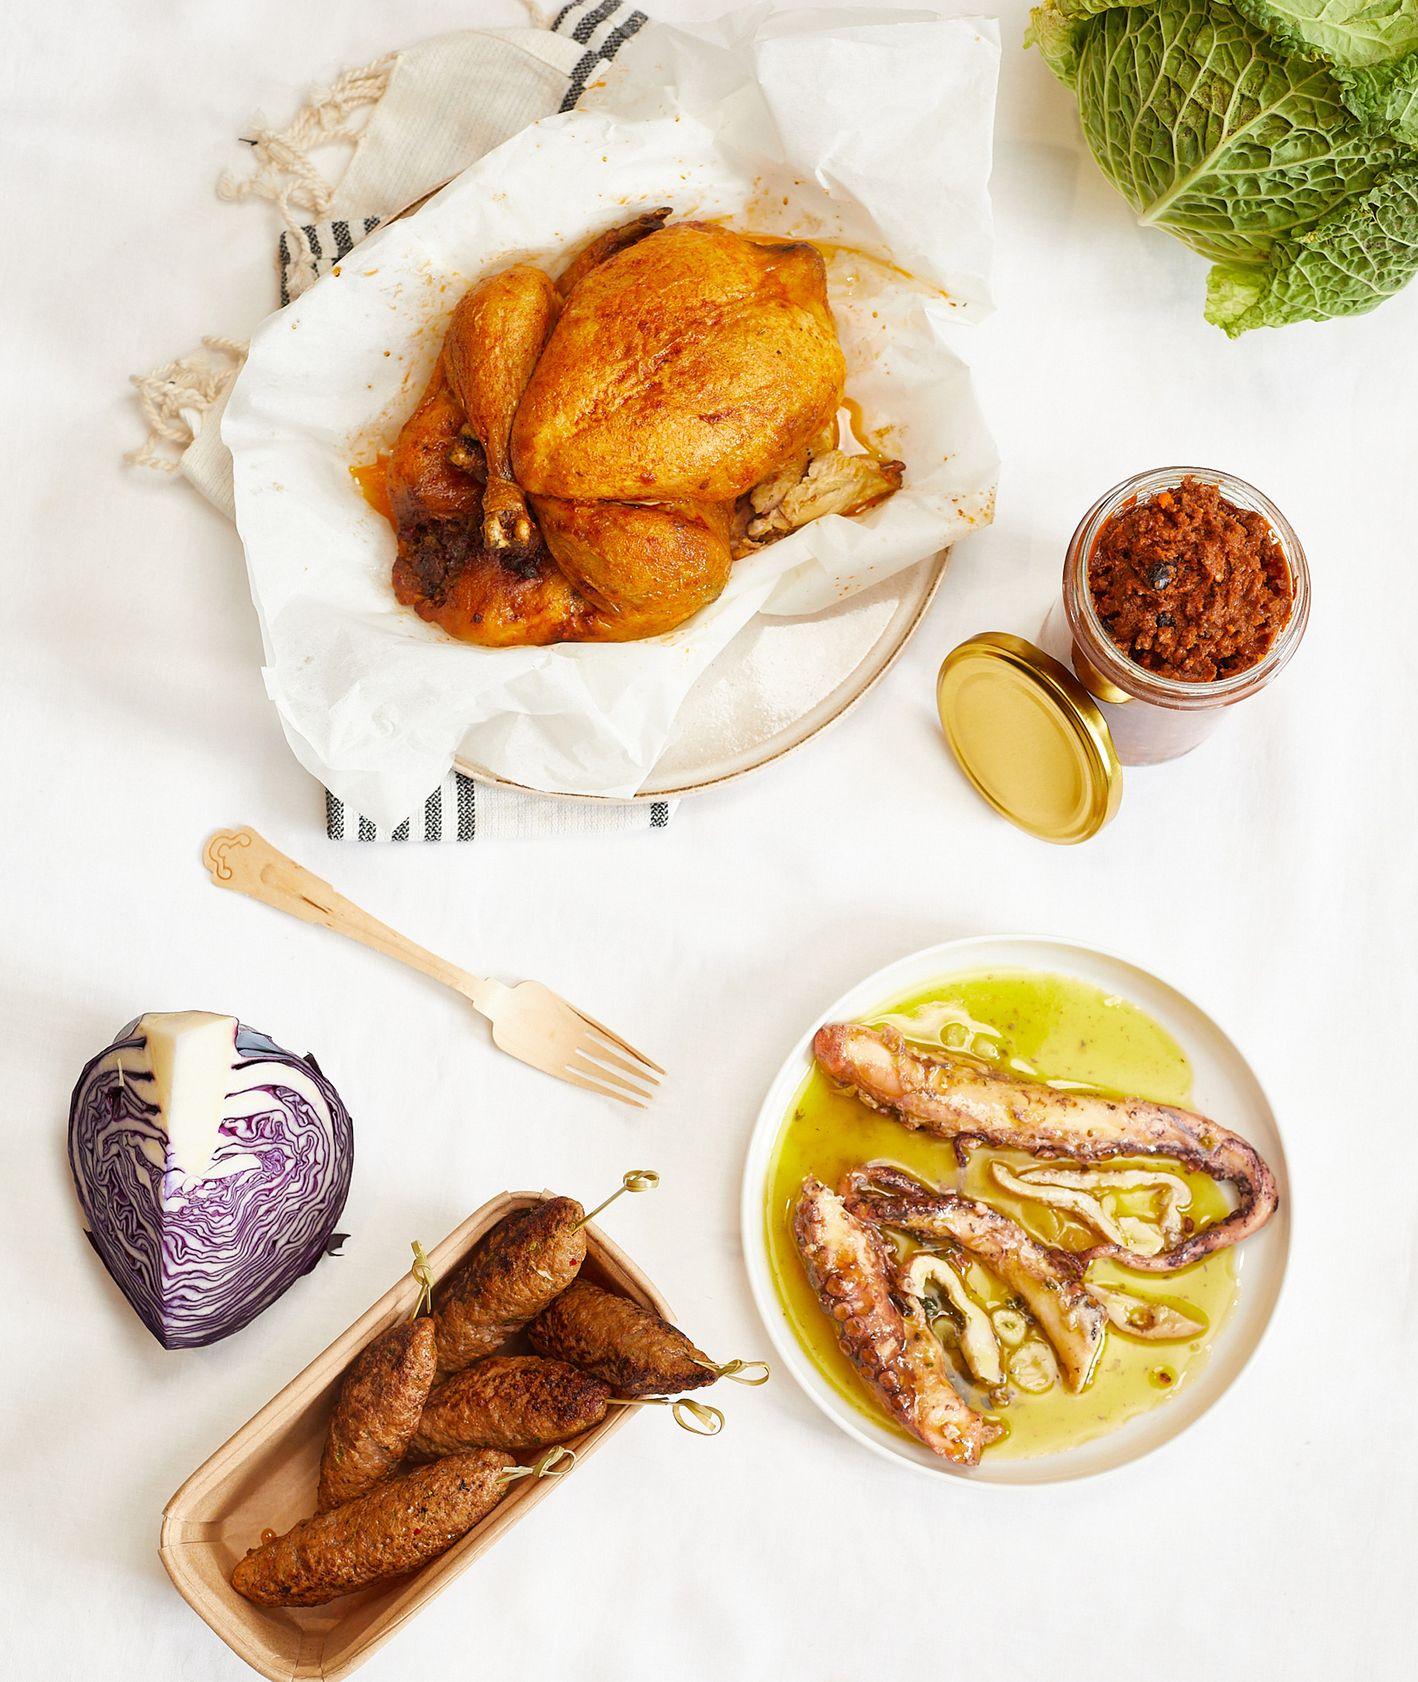 Szybkie przepisy na wyjazd – pieczony kurczak, marynowana ośmiornica i kofty (fot. Maciek Niemojewski)